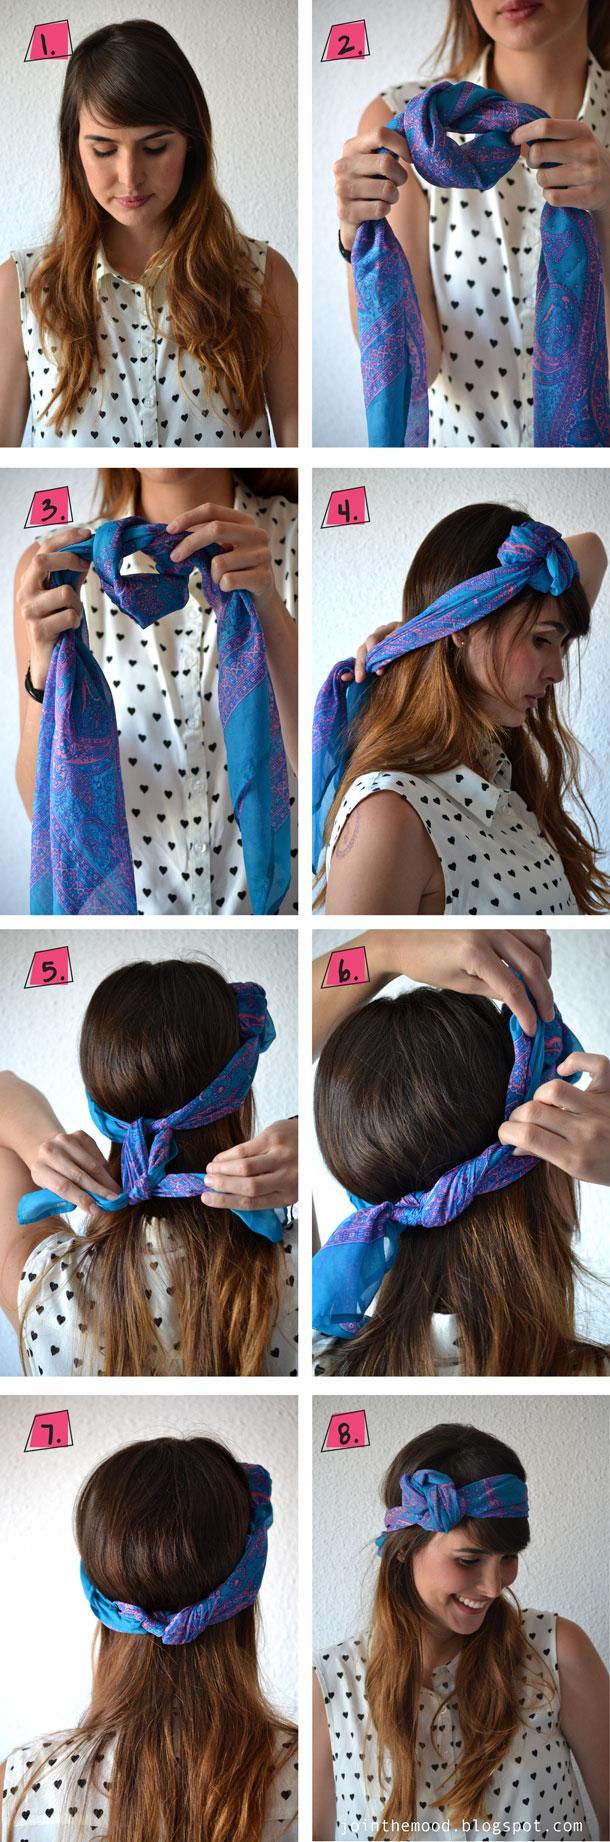 Nouer un foulard dans ses cheveux comment nouer un foulard dans ses cheveux avec style elle - Foulard pour cheveux tendance ...